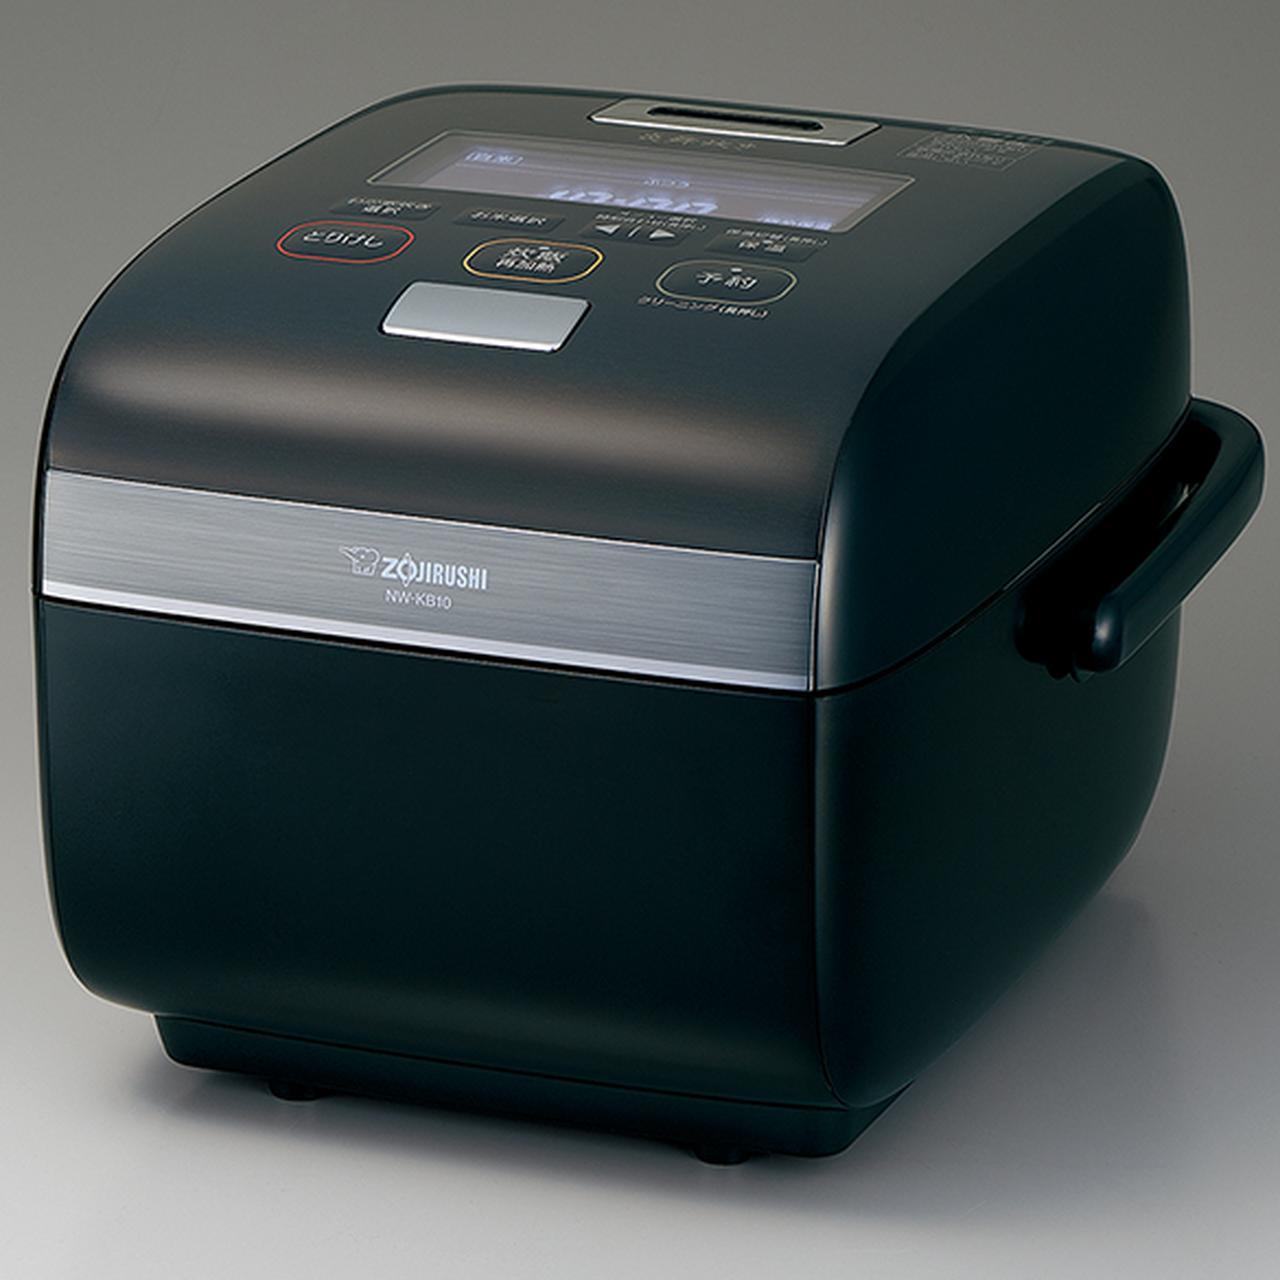 画像1: 【最新炊飯器】土鍋?鉄?内釜の「素材」はお米の味に影響する?